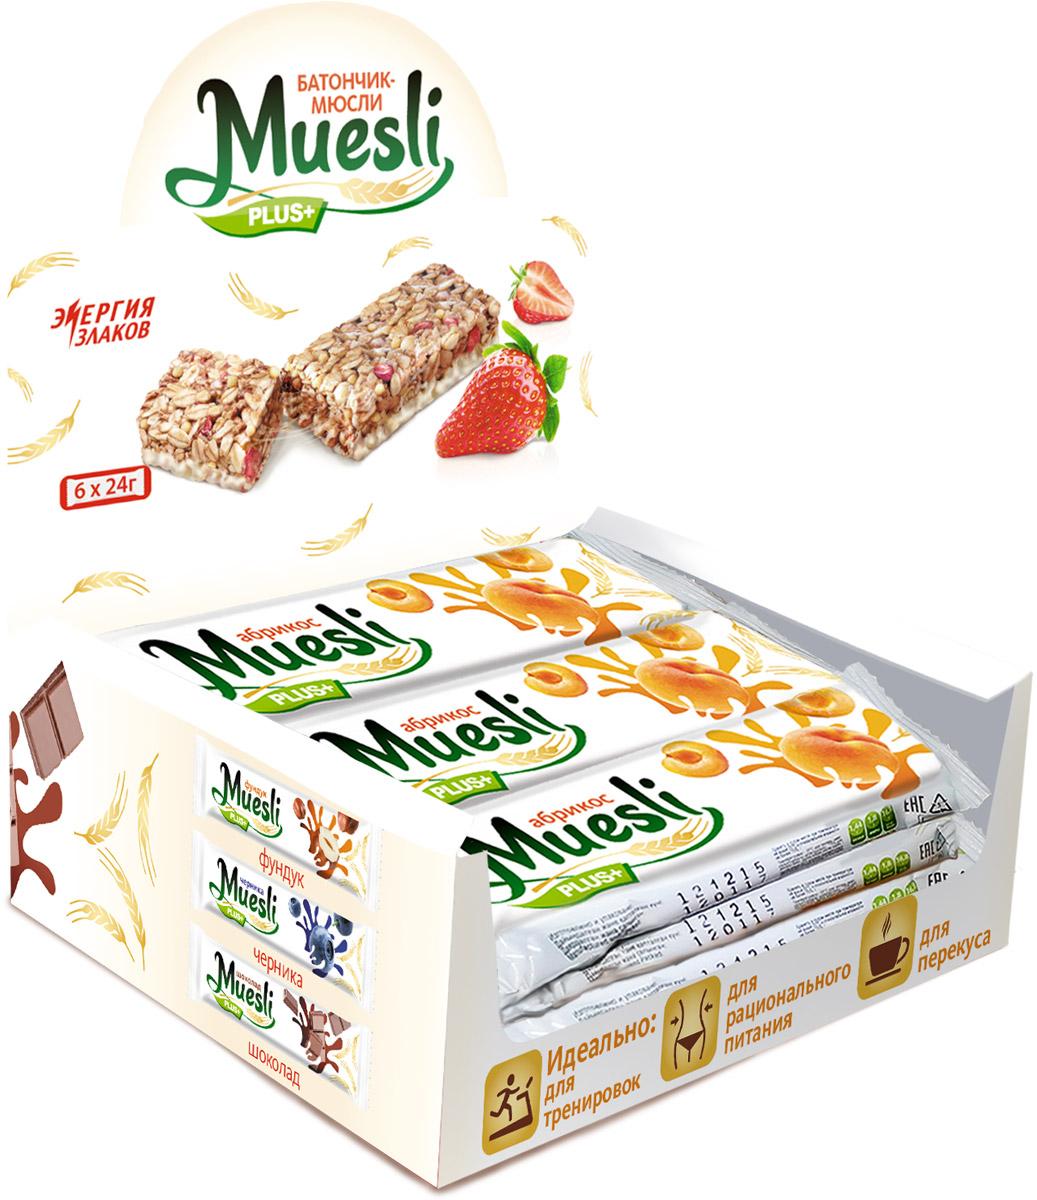 Matti Muesli Plus батончик мюсли абрикос, 6 х 24 г0120710Батончики-мюсли Muesli Plus+ обладают сбалансированным составом и являются продуктом переработки натуральных злаков, здоровым и полезным источником сил и энергии. Содержат злаки, натуральные кусочки абрикоса. Без ГМО, красителей, консервантов. В состав входит натуральный ароматизатор.